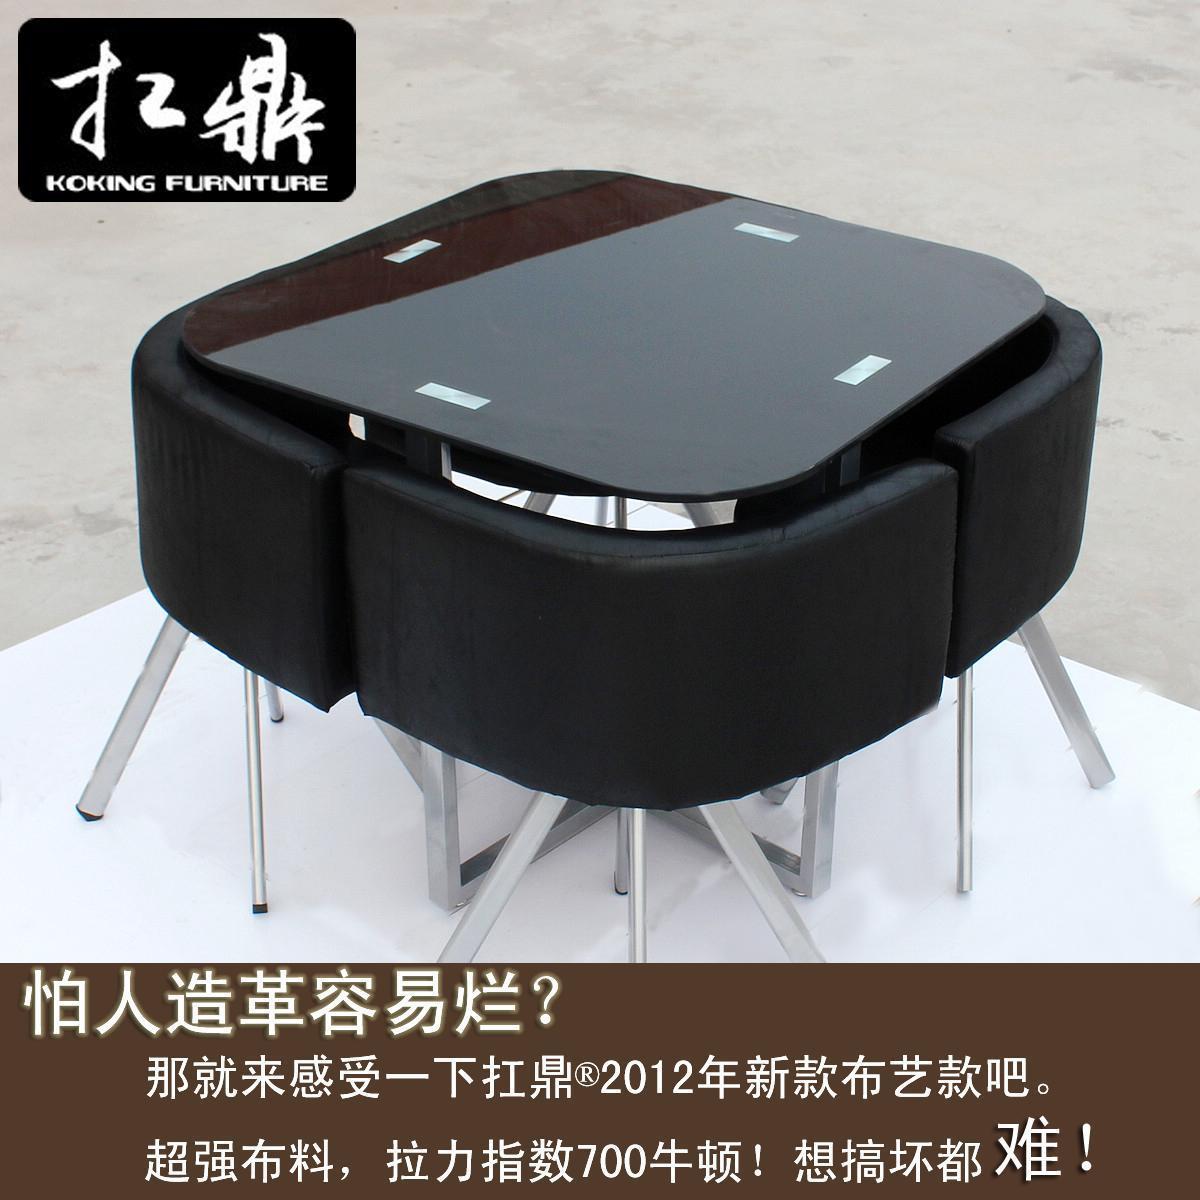 стол со стульями Carry the tripod